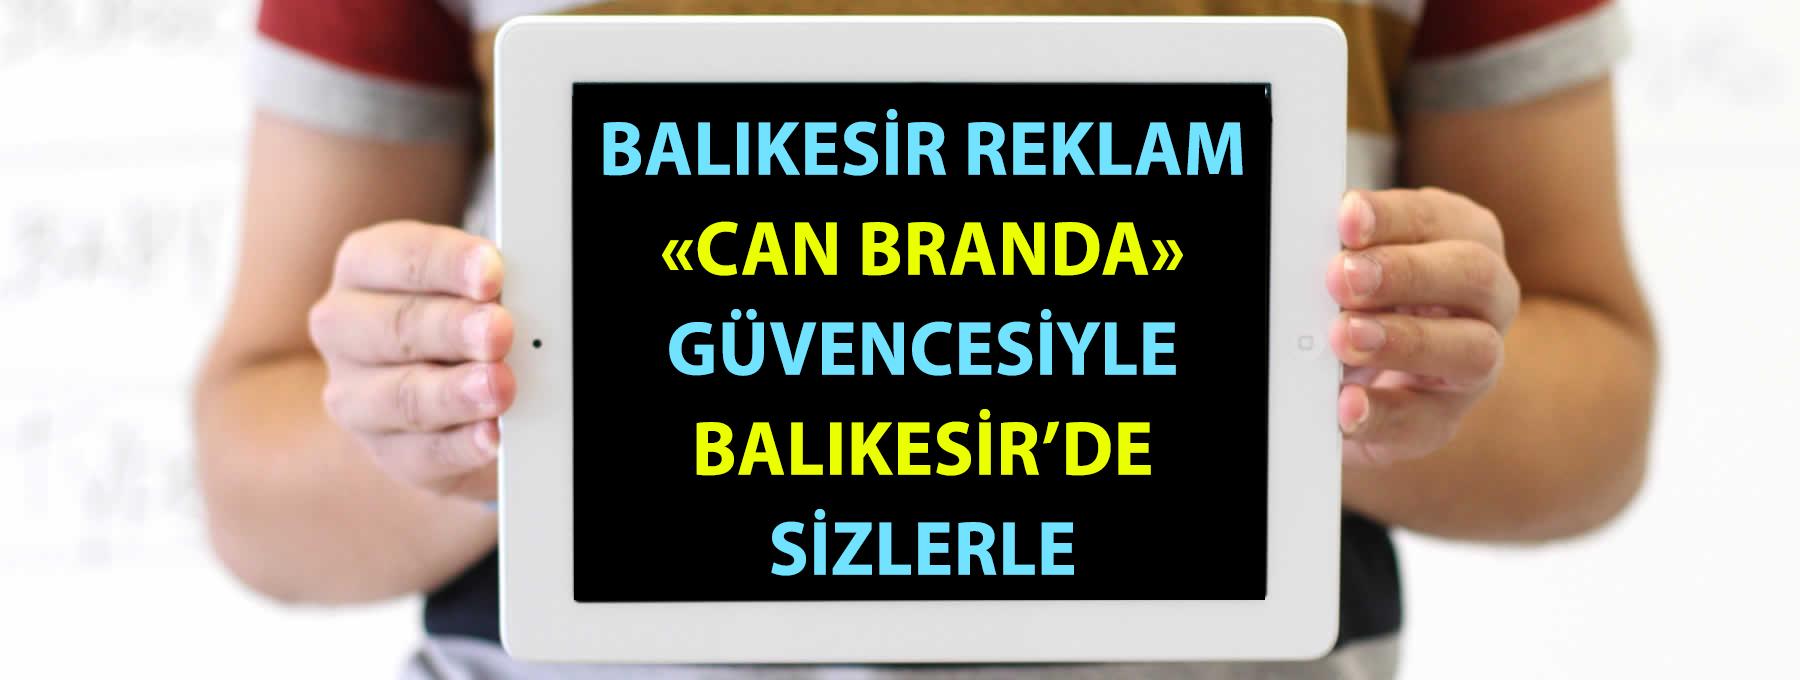 balikesir_reklam